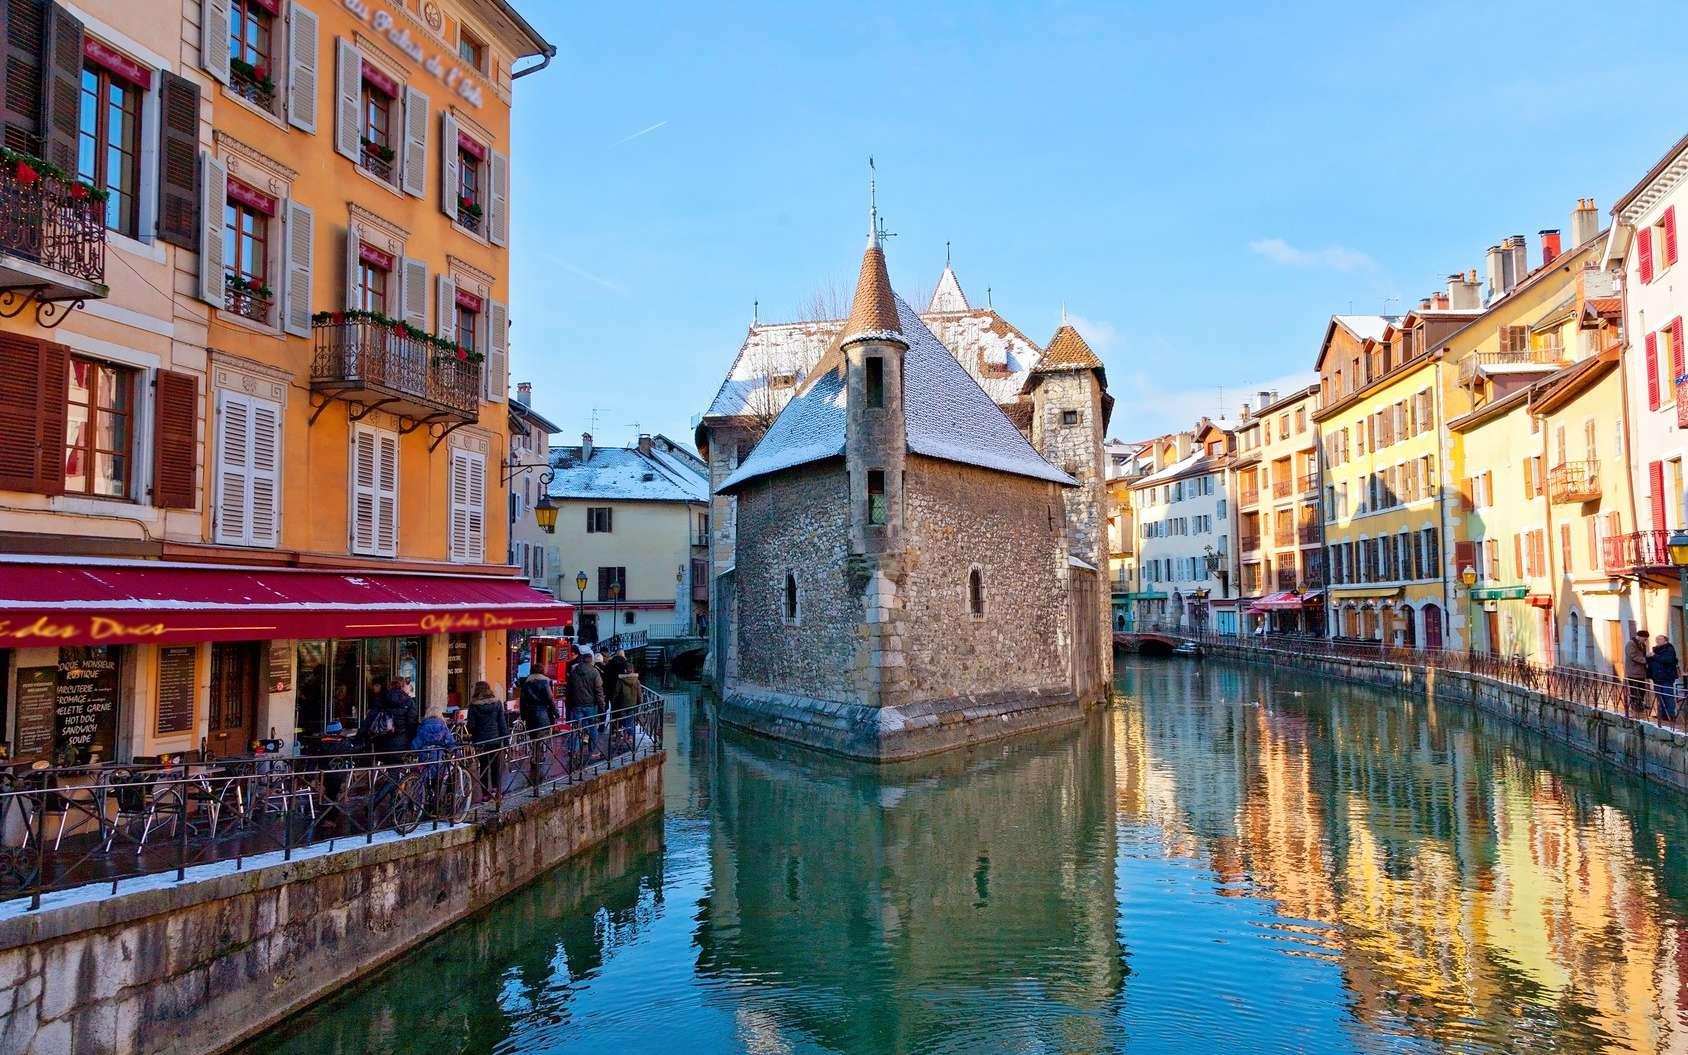 À Annecy, la Venise des Alpes, le niveau d'eau est particulièrement bas. © santosha57, Fotolia